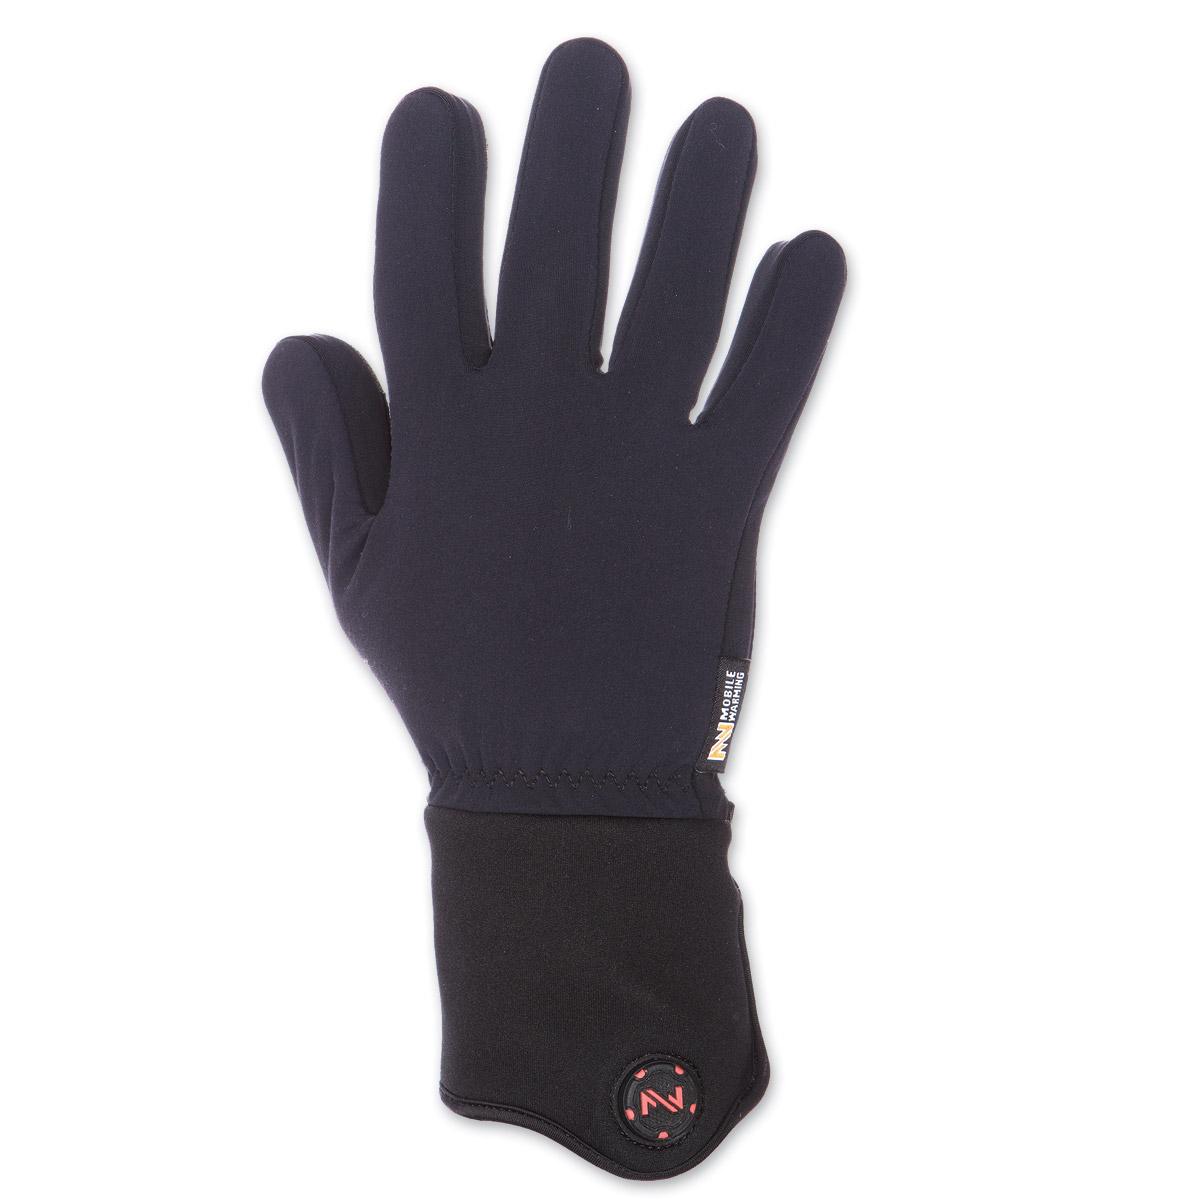 Mobile Warming Heated Black 12v Gloves Liner